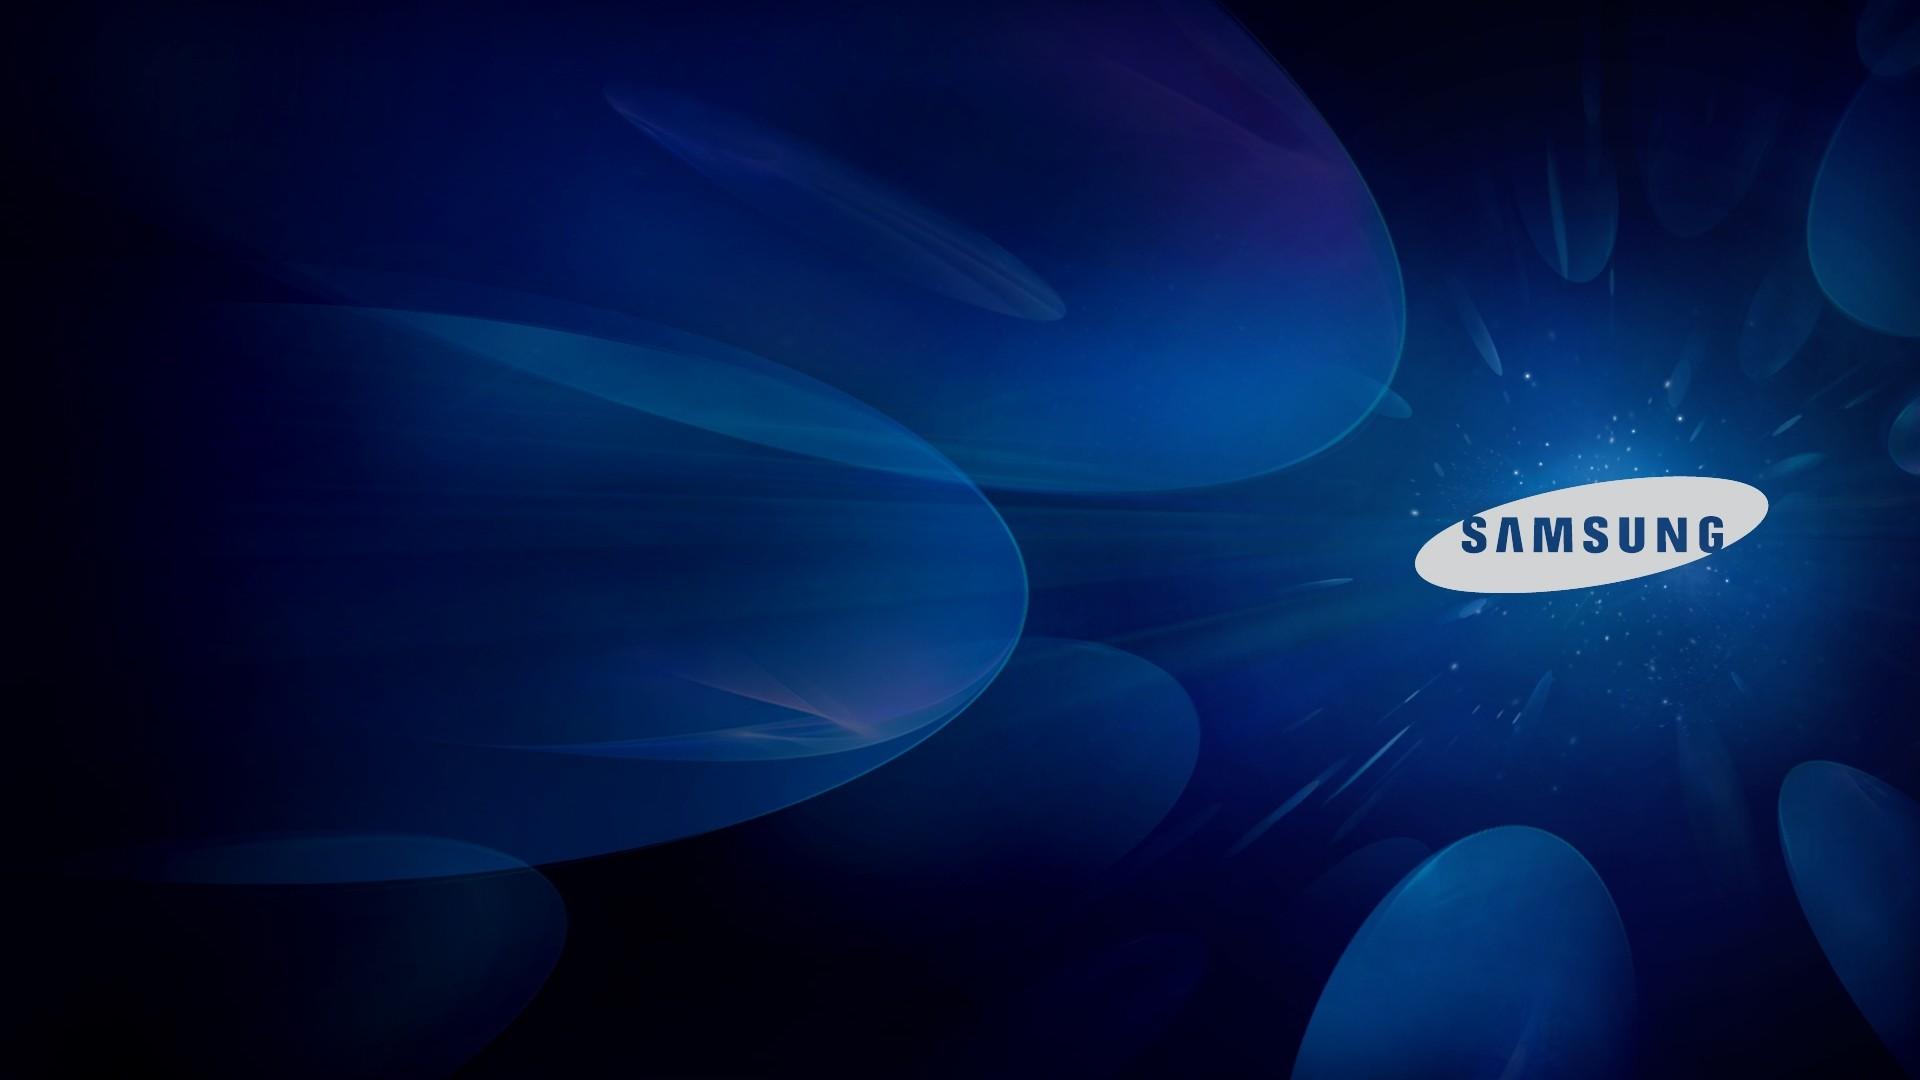 Samsung Full HD Wallpaper